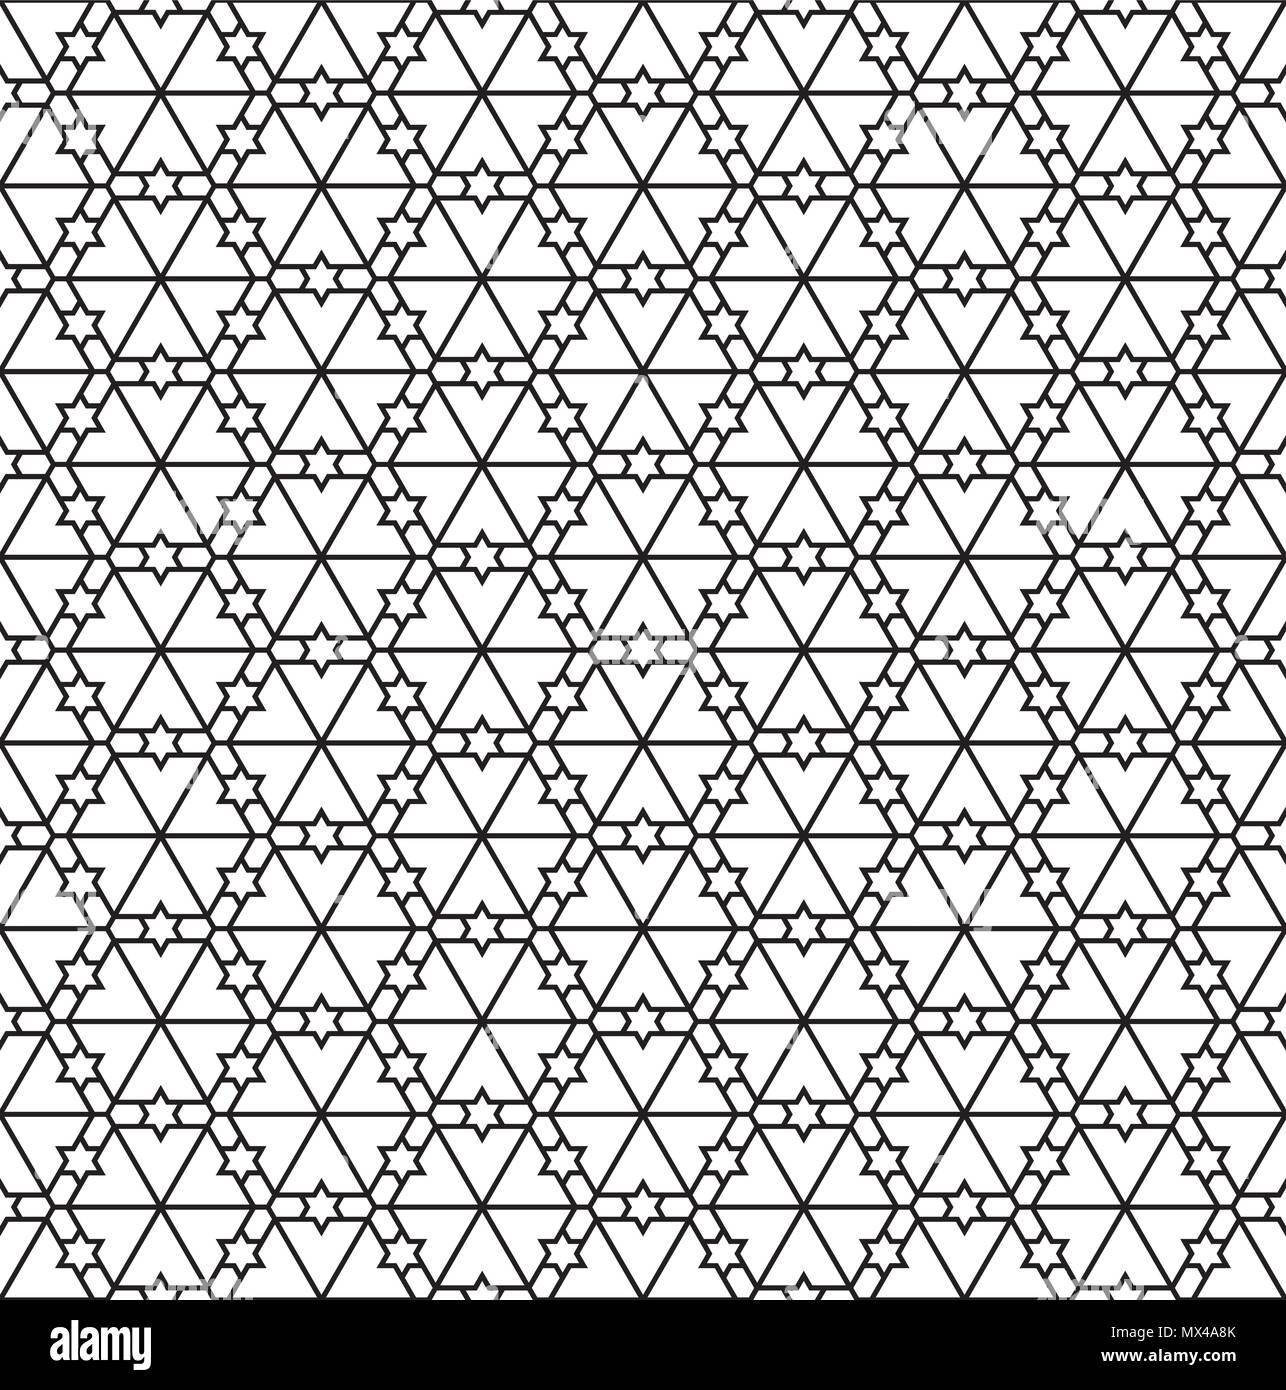 Disegni Geometrici Bianco E Nero seamless pattern in bianco e nero in linee di media.basato